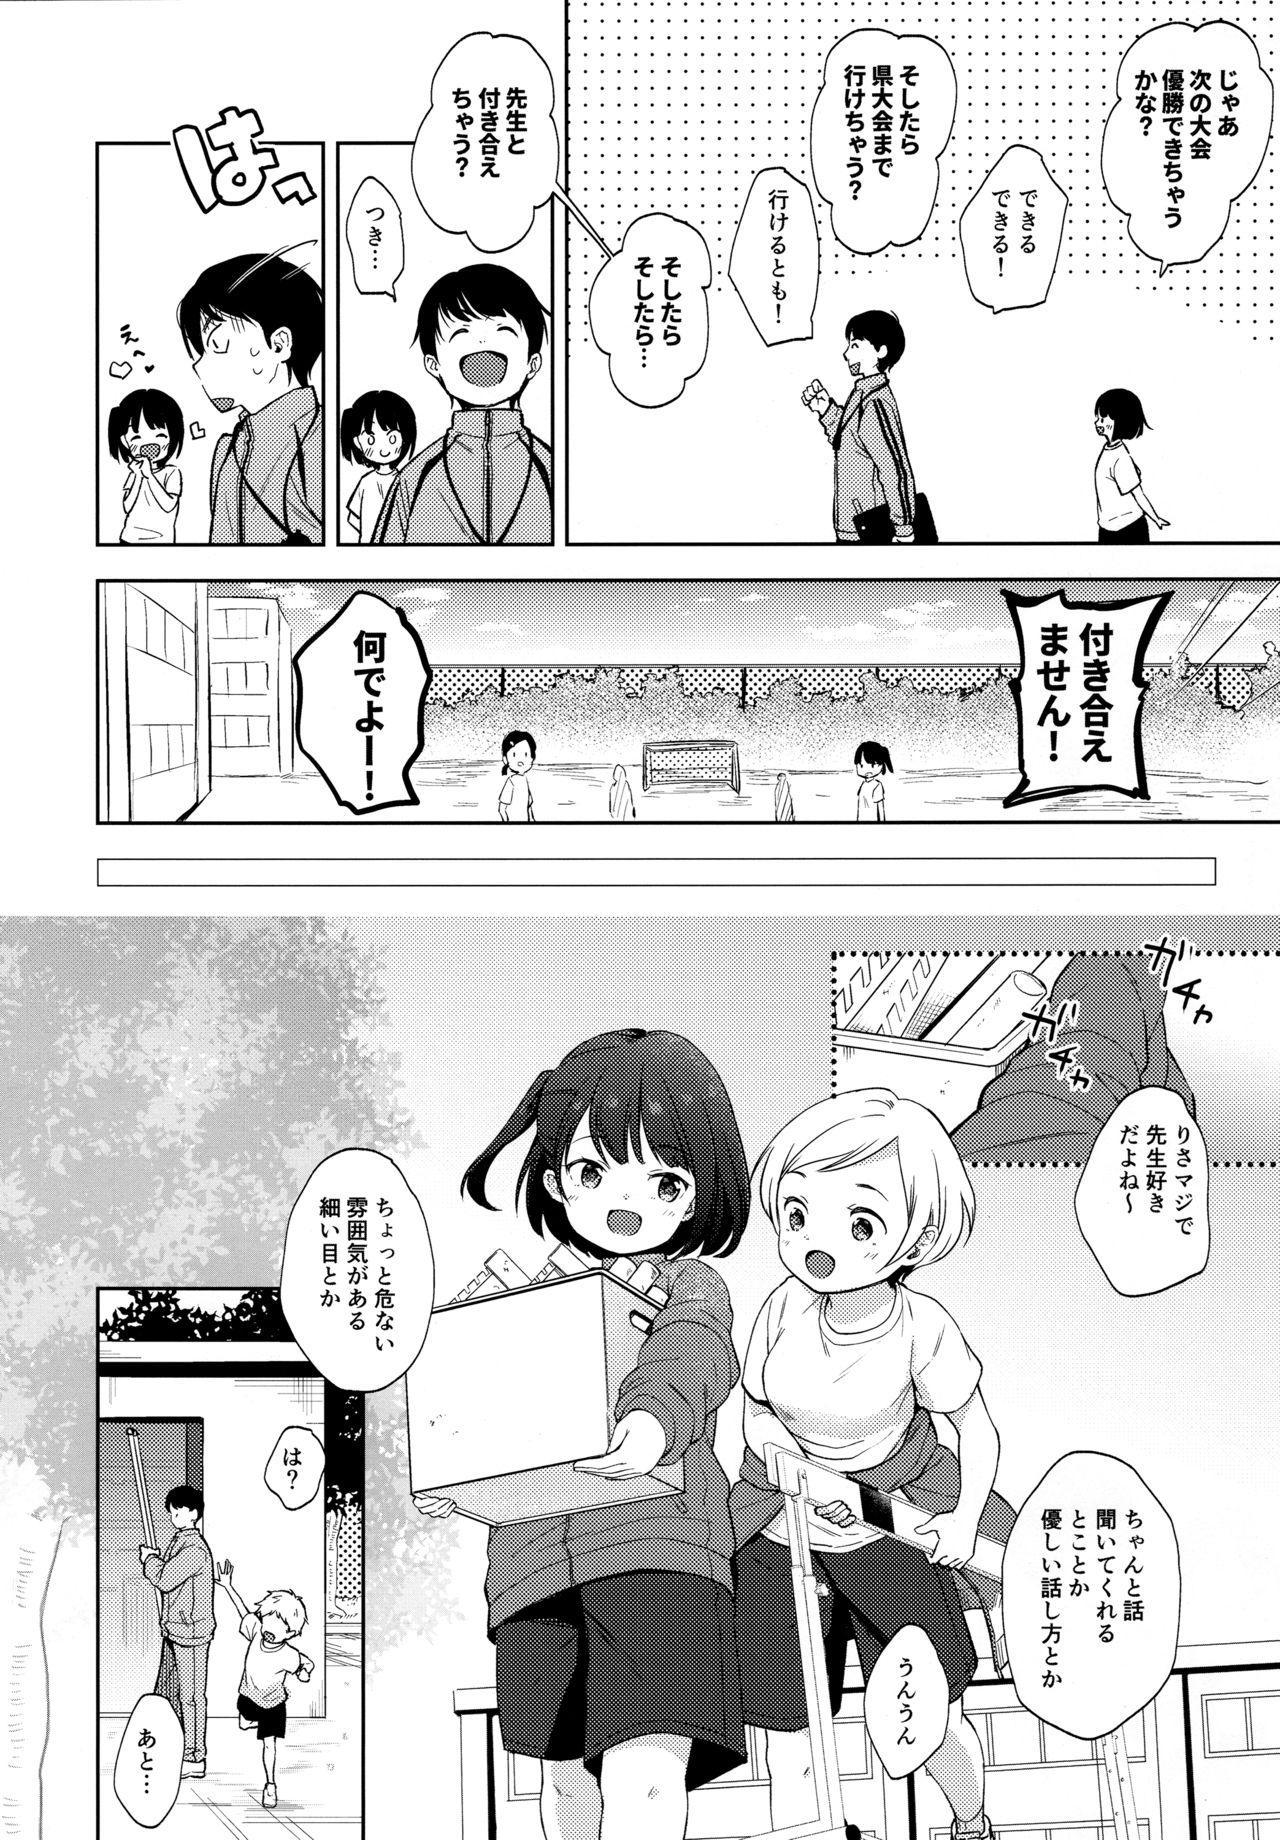 Boku no Kioku ga Oshiego ni Gisousarete Shimaimashita 4